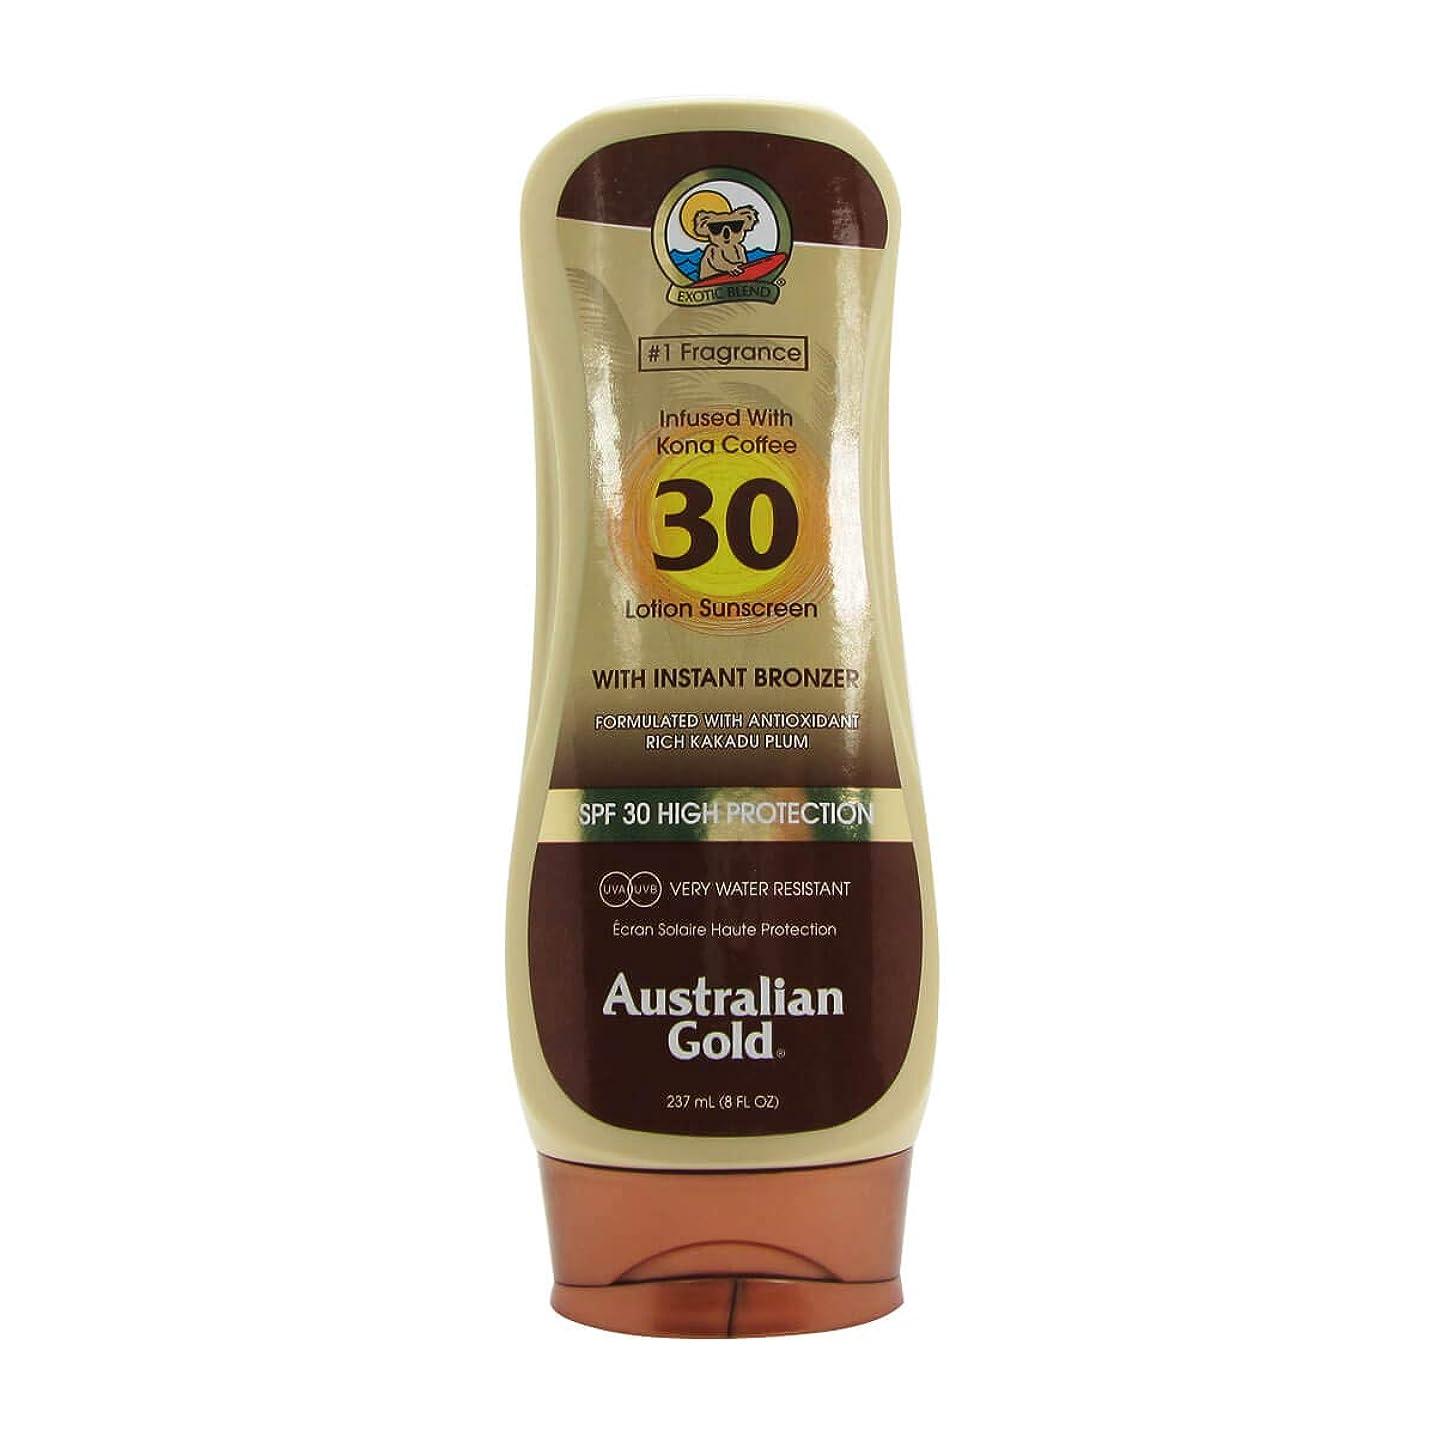 小売割り当てるアシストオーストラリアンゴールドローションSPF30インスタントブロンザー237ml